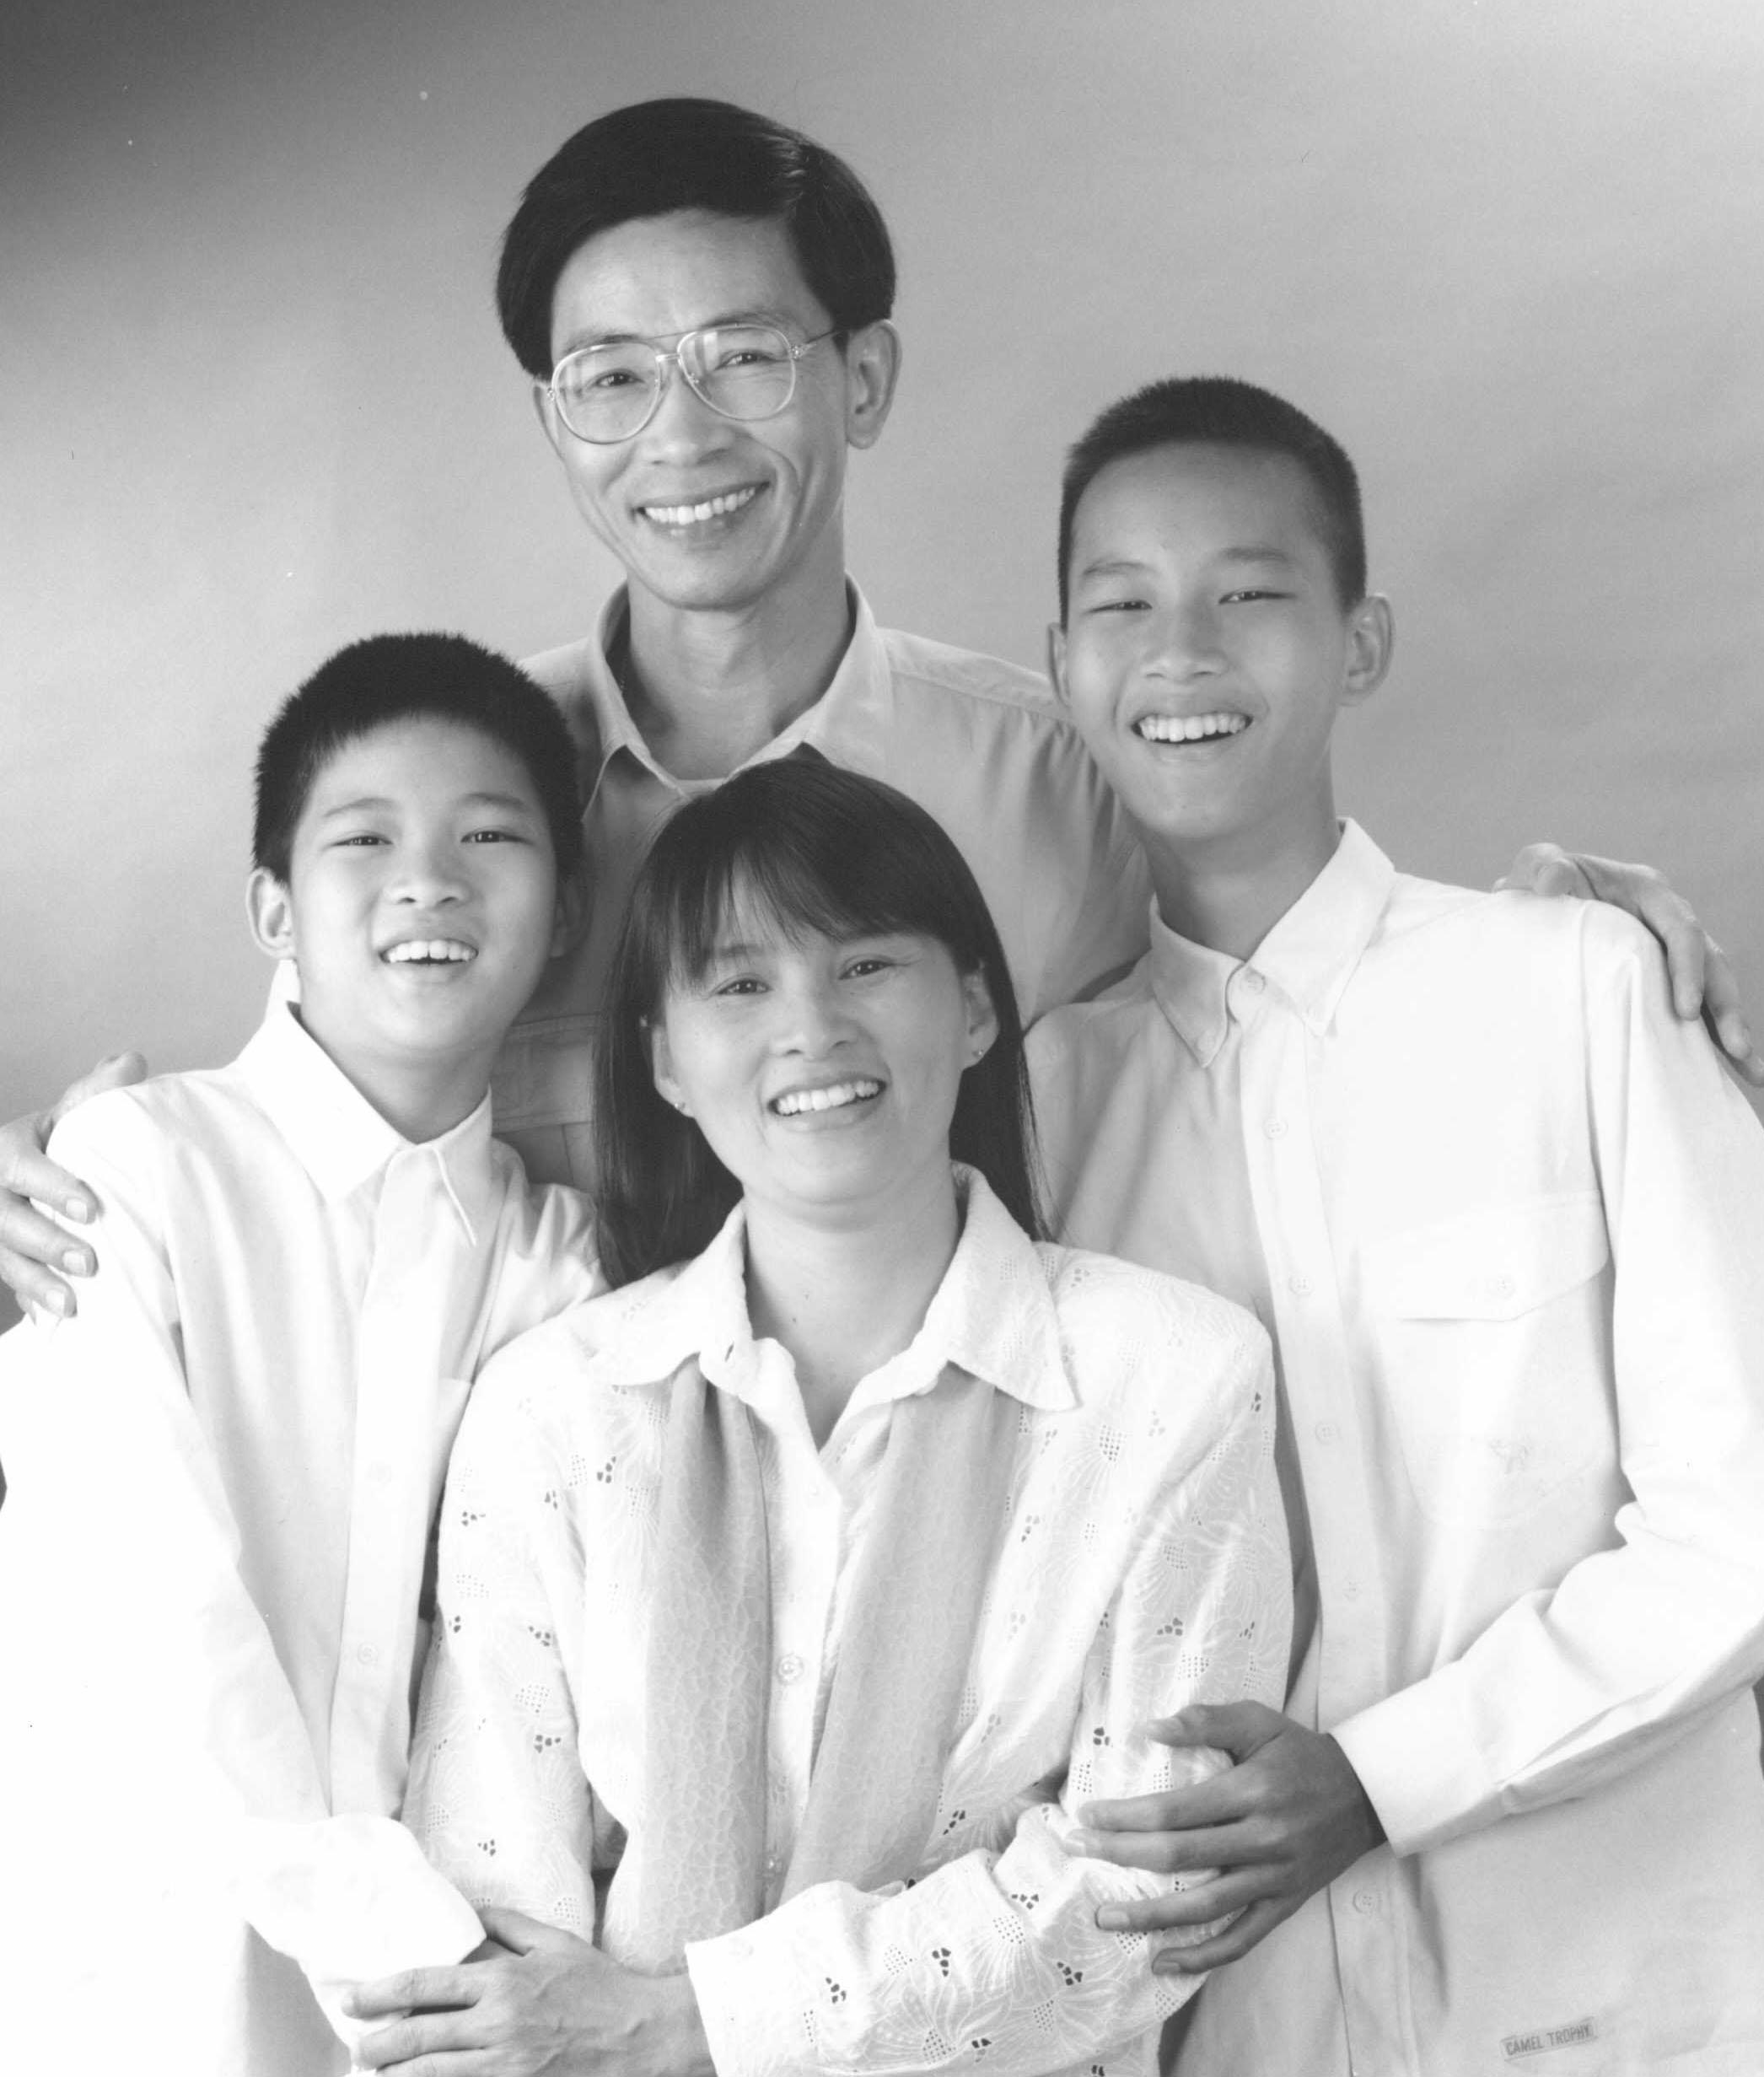 สุภาวดี หาญเมธี, แม่ติ่ง, รักลูก, รักลูกกรุ๊ป, แม่, ความเป็นแม่, หน้าที่แม่, บทบาทของแม่, แม่คือผู้สร้างโลก, วันแม่, สัมภาษณ์, ผู้บริหาร, ครอบครัว